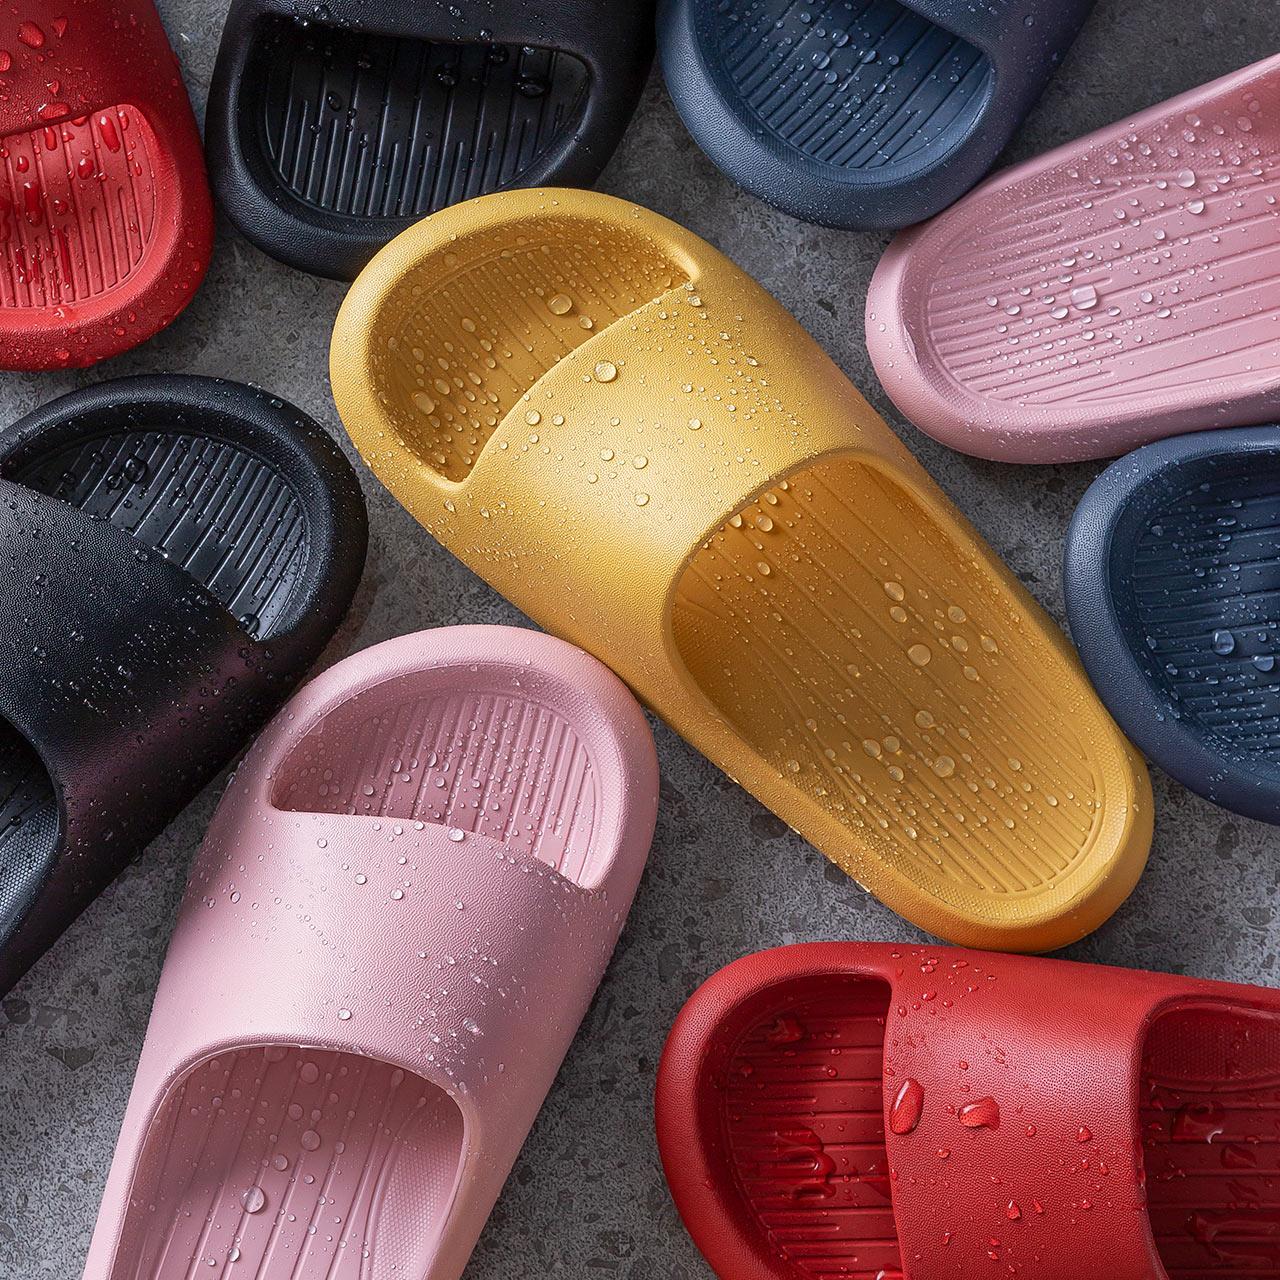 朴西凉拖鞋男家用厚底情侣洗澡软底防滑浴室拖鞋女夏天室内居家